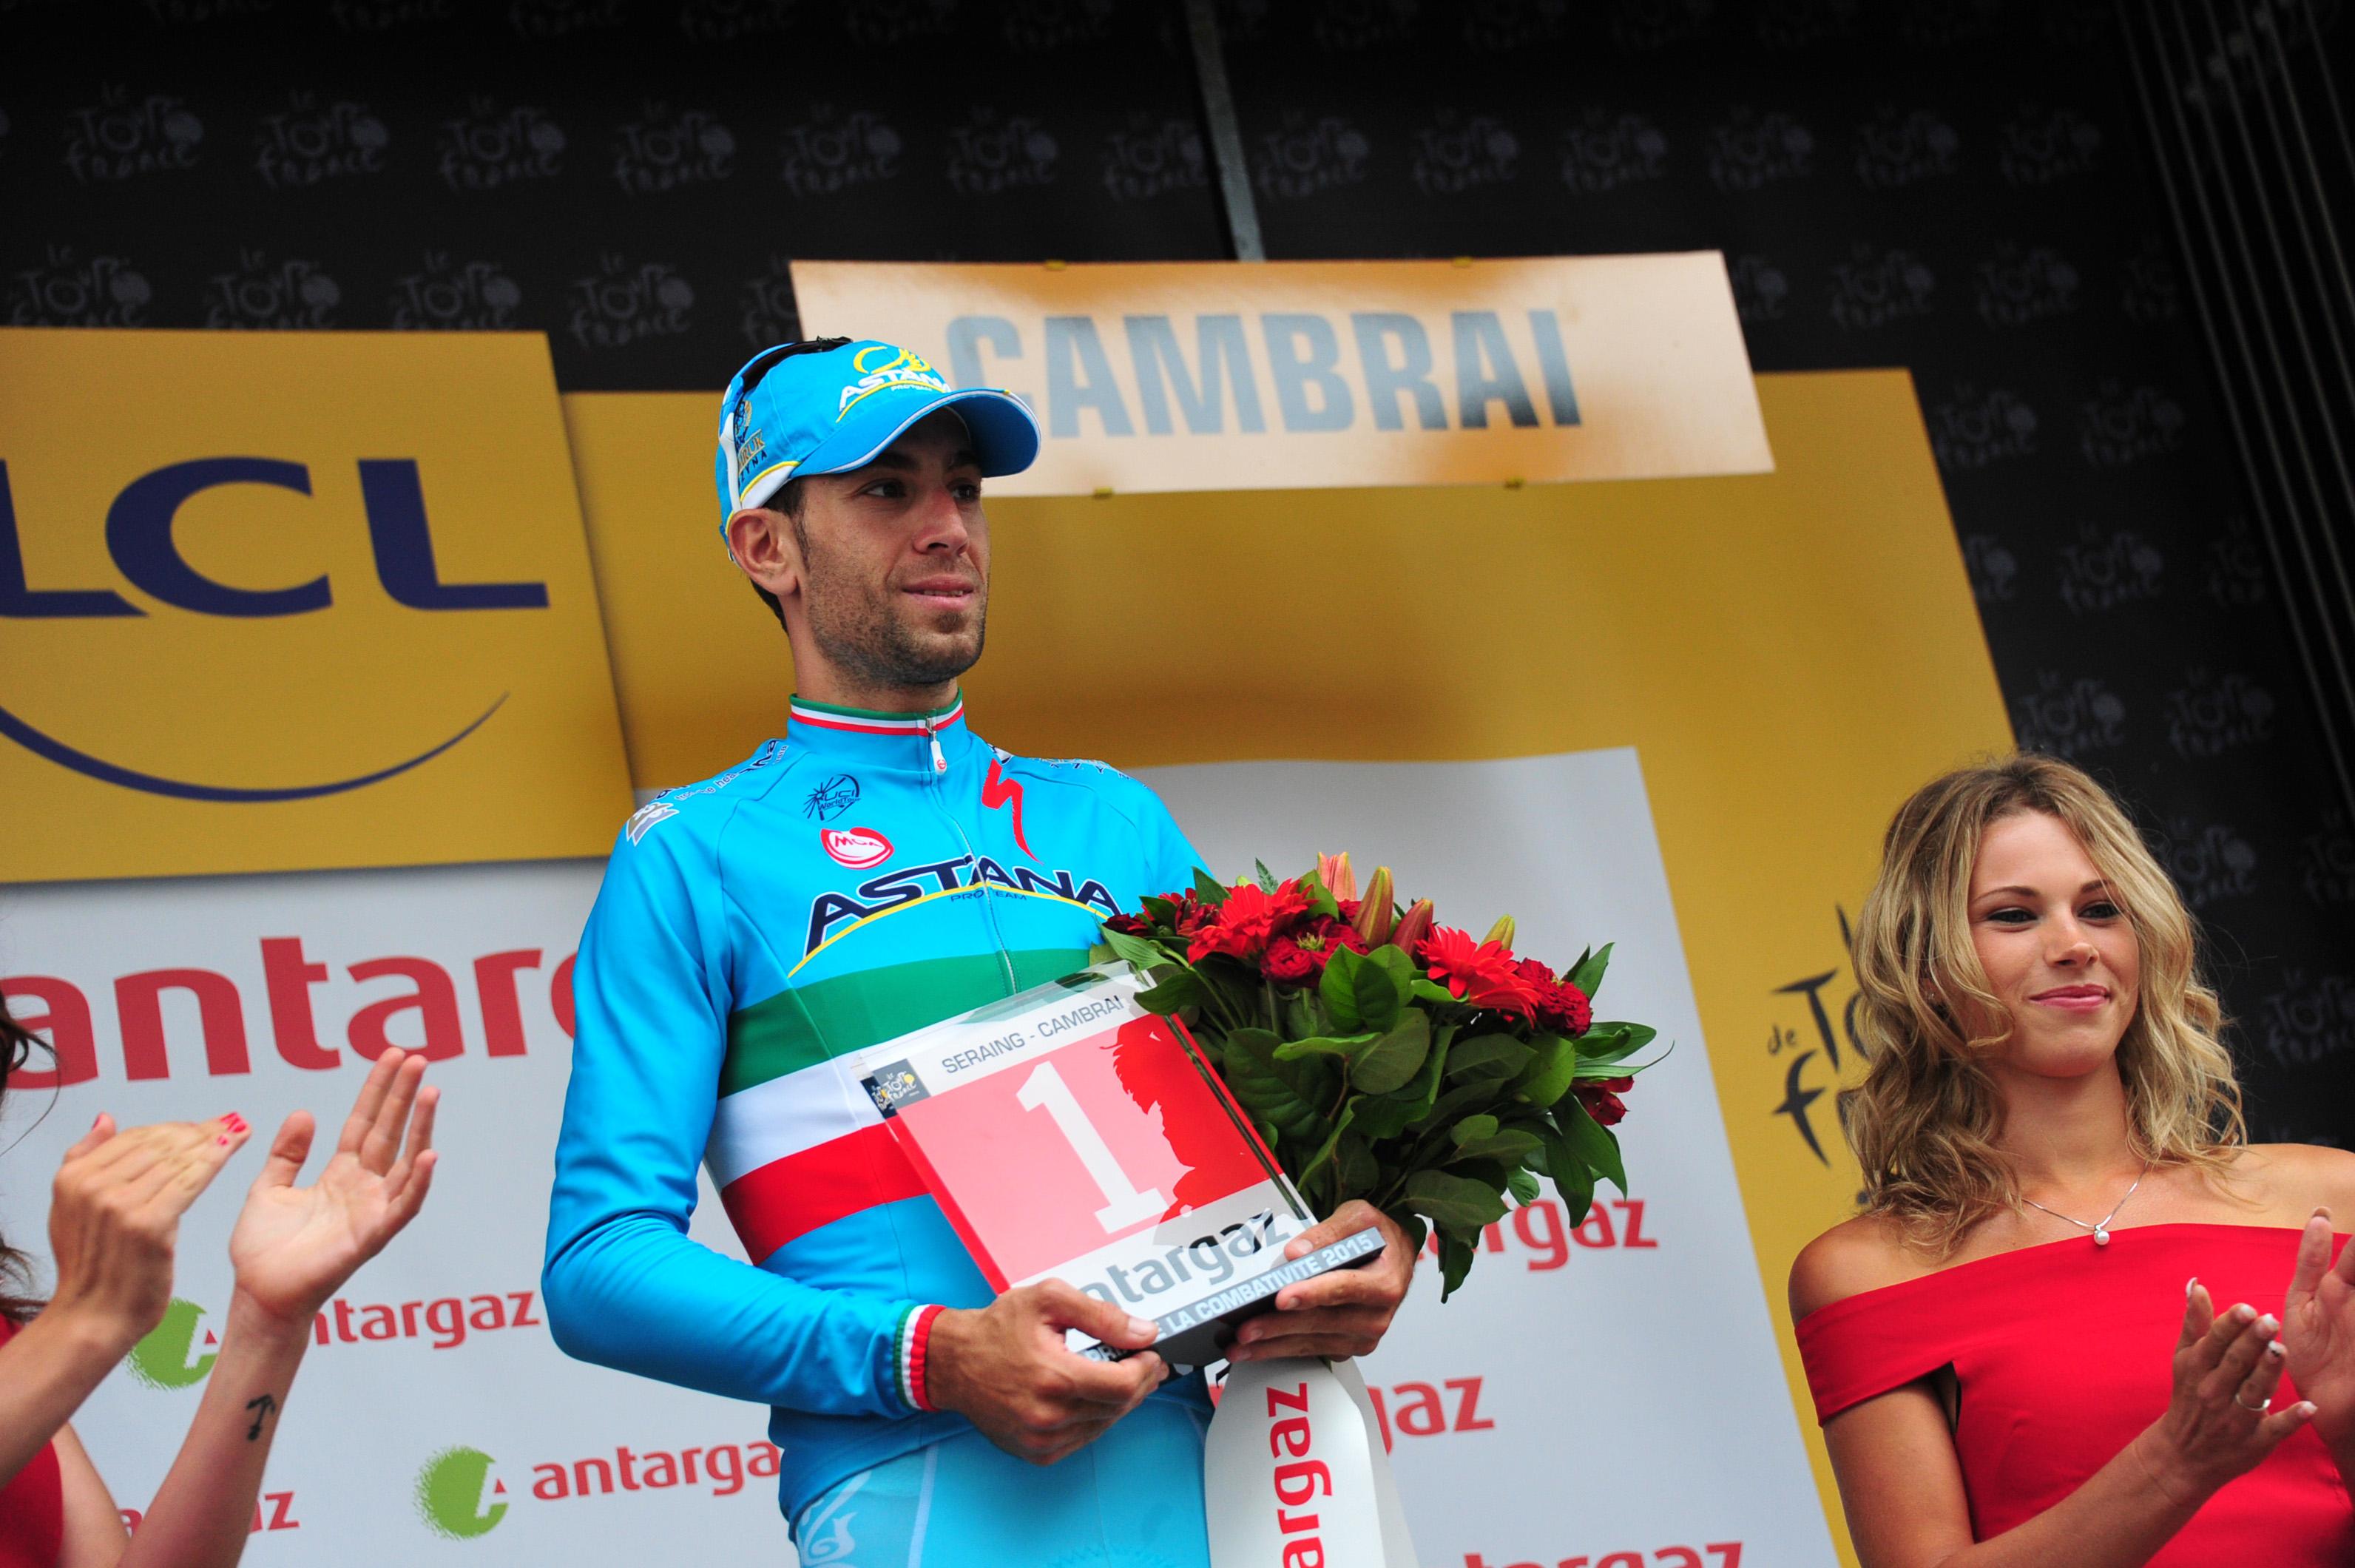 Vincenzo Nibali zeigte eine tolle Leistung auf dem Pavé. (pic: Sirotti)